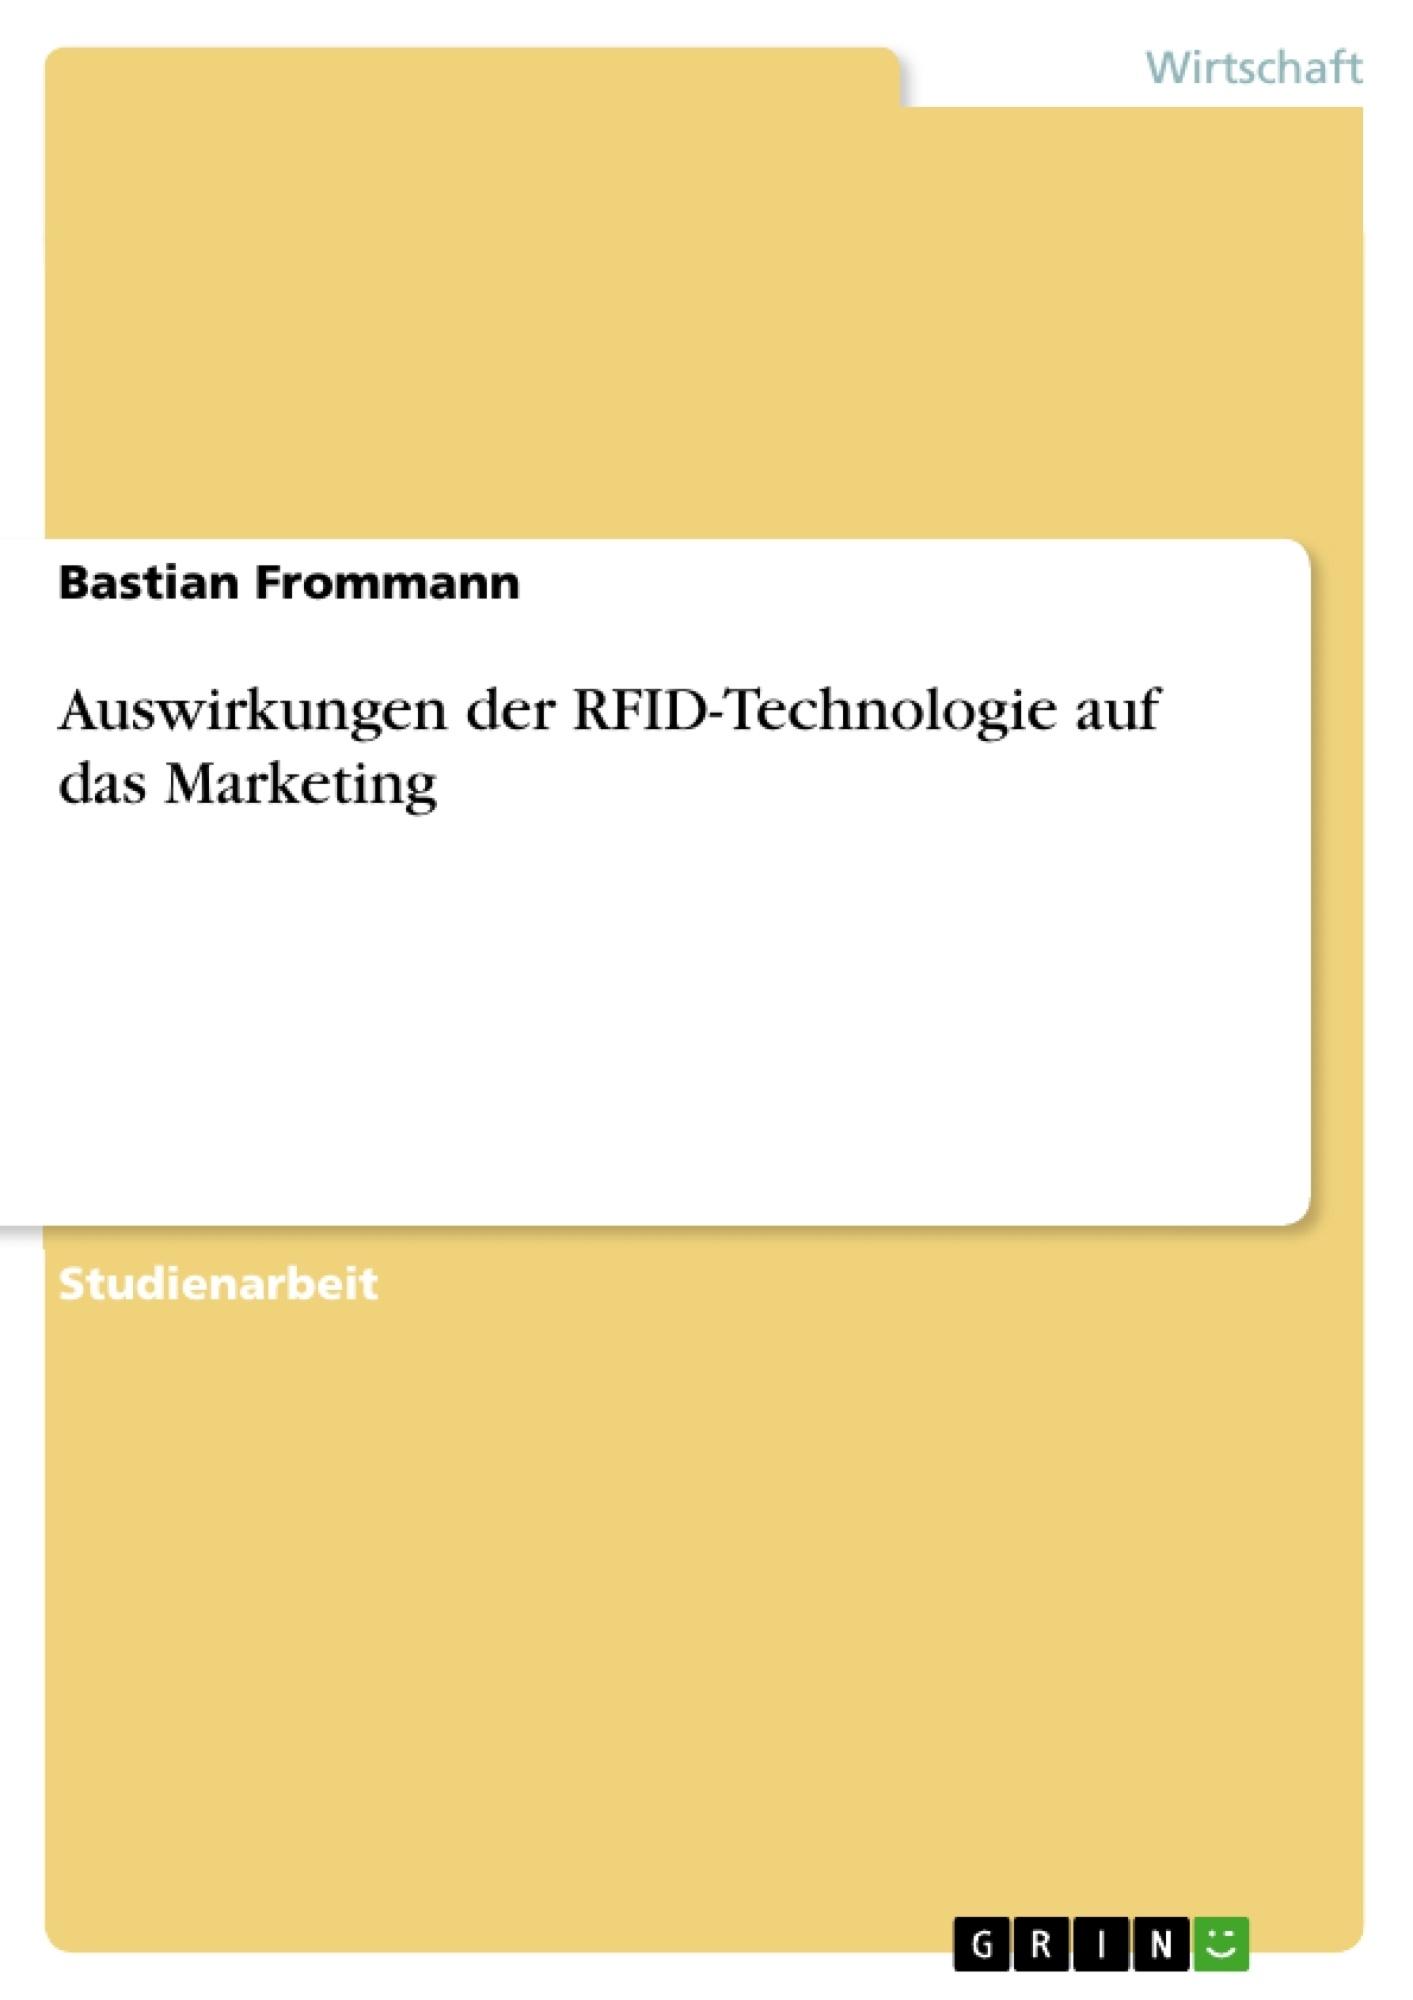 Titel: Auswirkungen der RFID-Technologie auf das Marketing